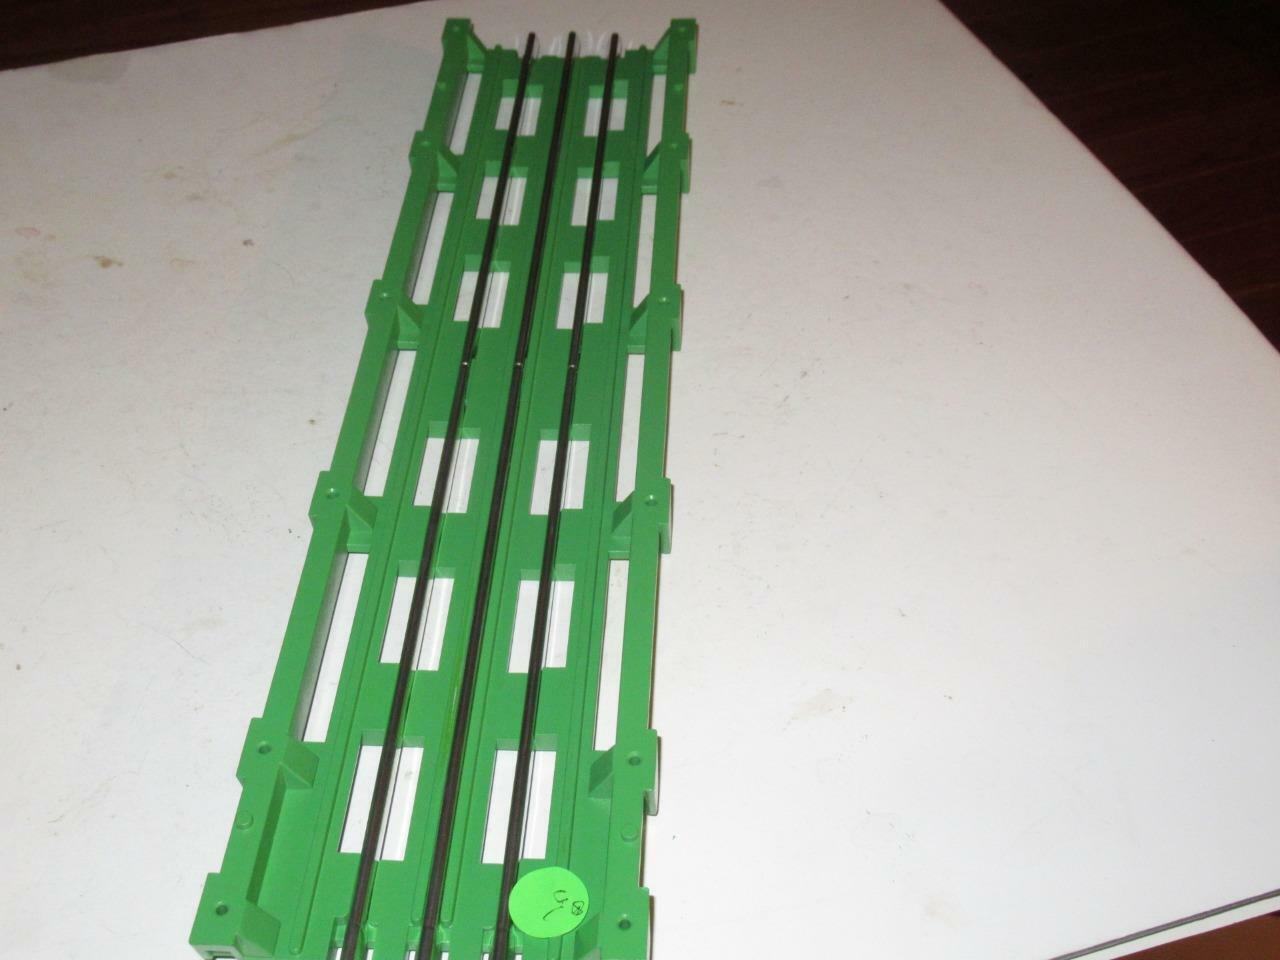 Lionel Parte  verde Oper. Bascule Base  Nuovo Produzione  Nuovo H32